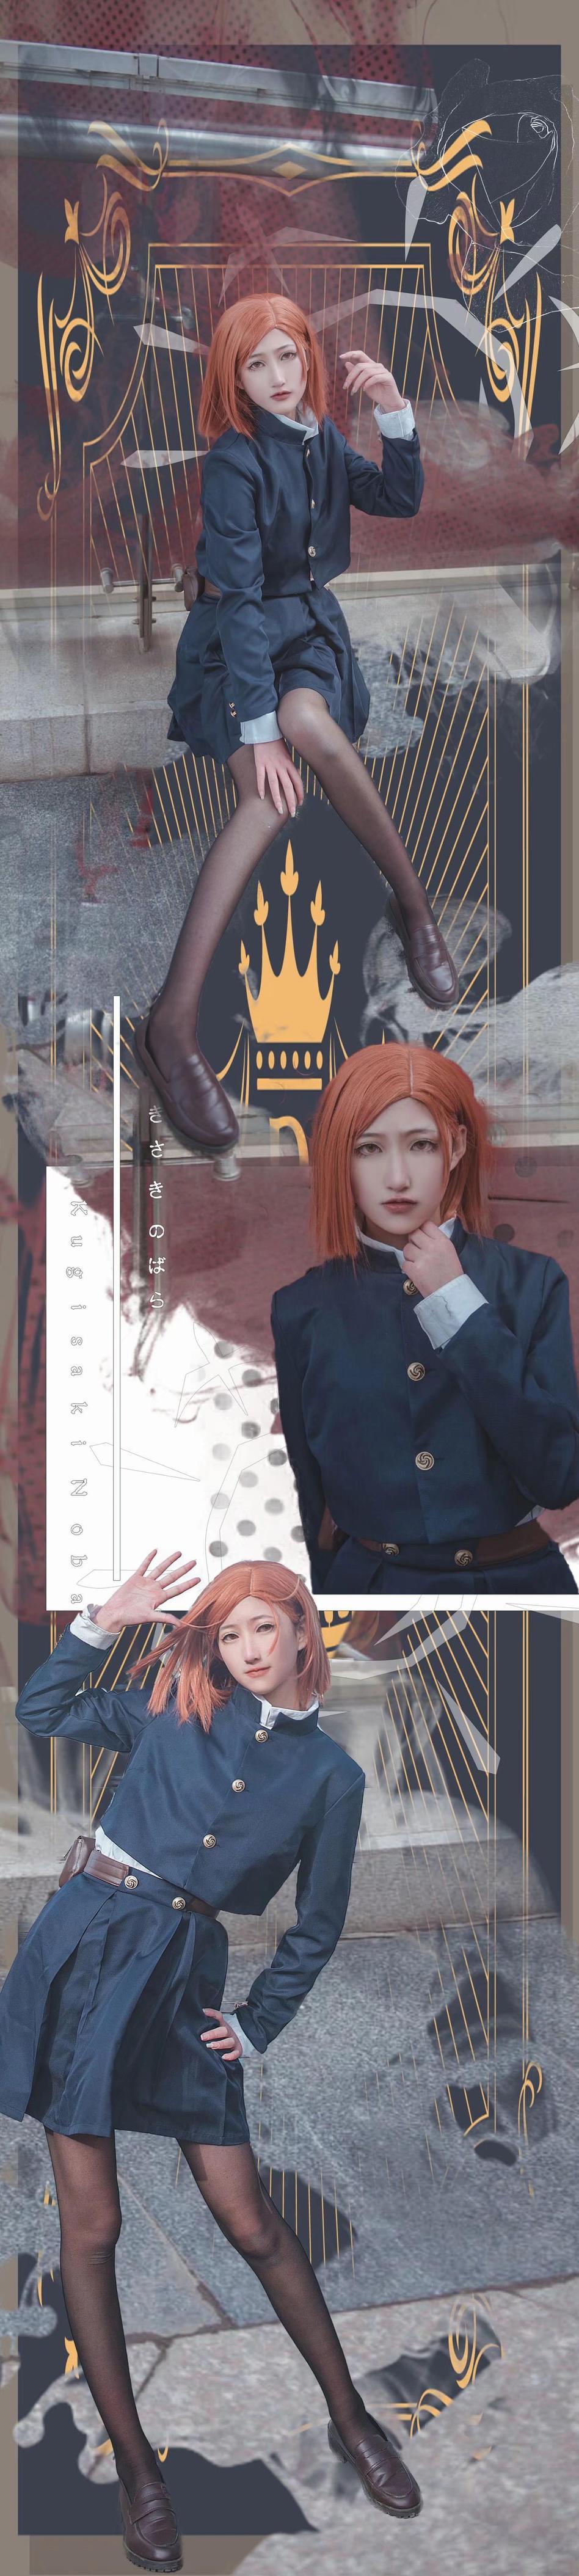 《咒术回战》正片cosplay【CN:芝士zs77】-第6张